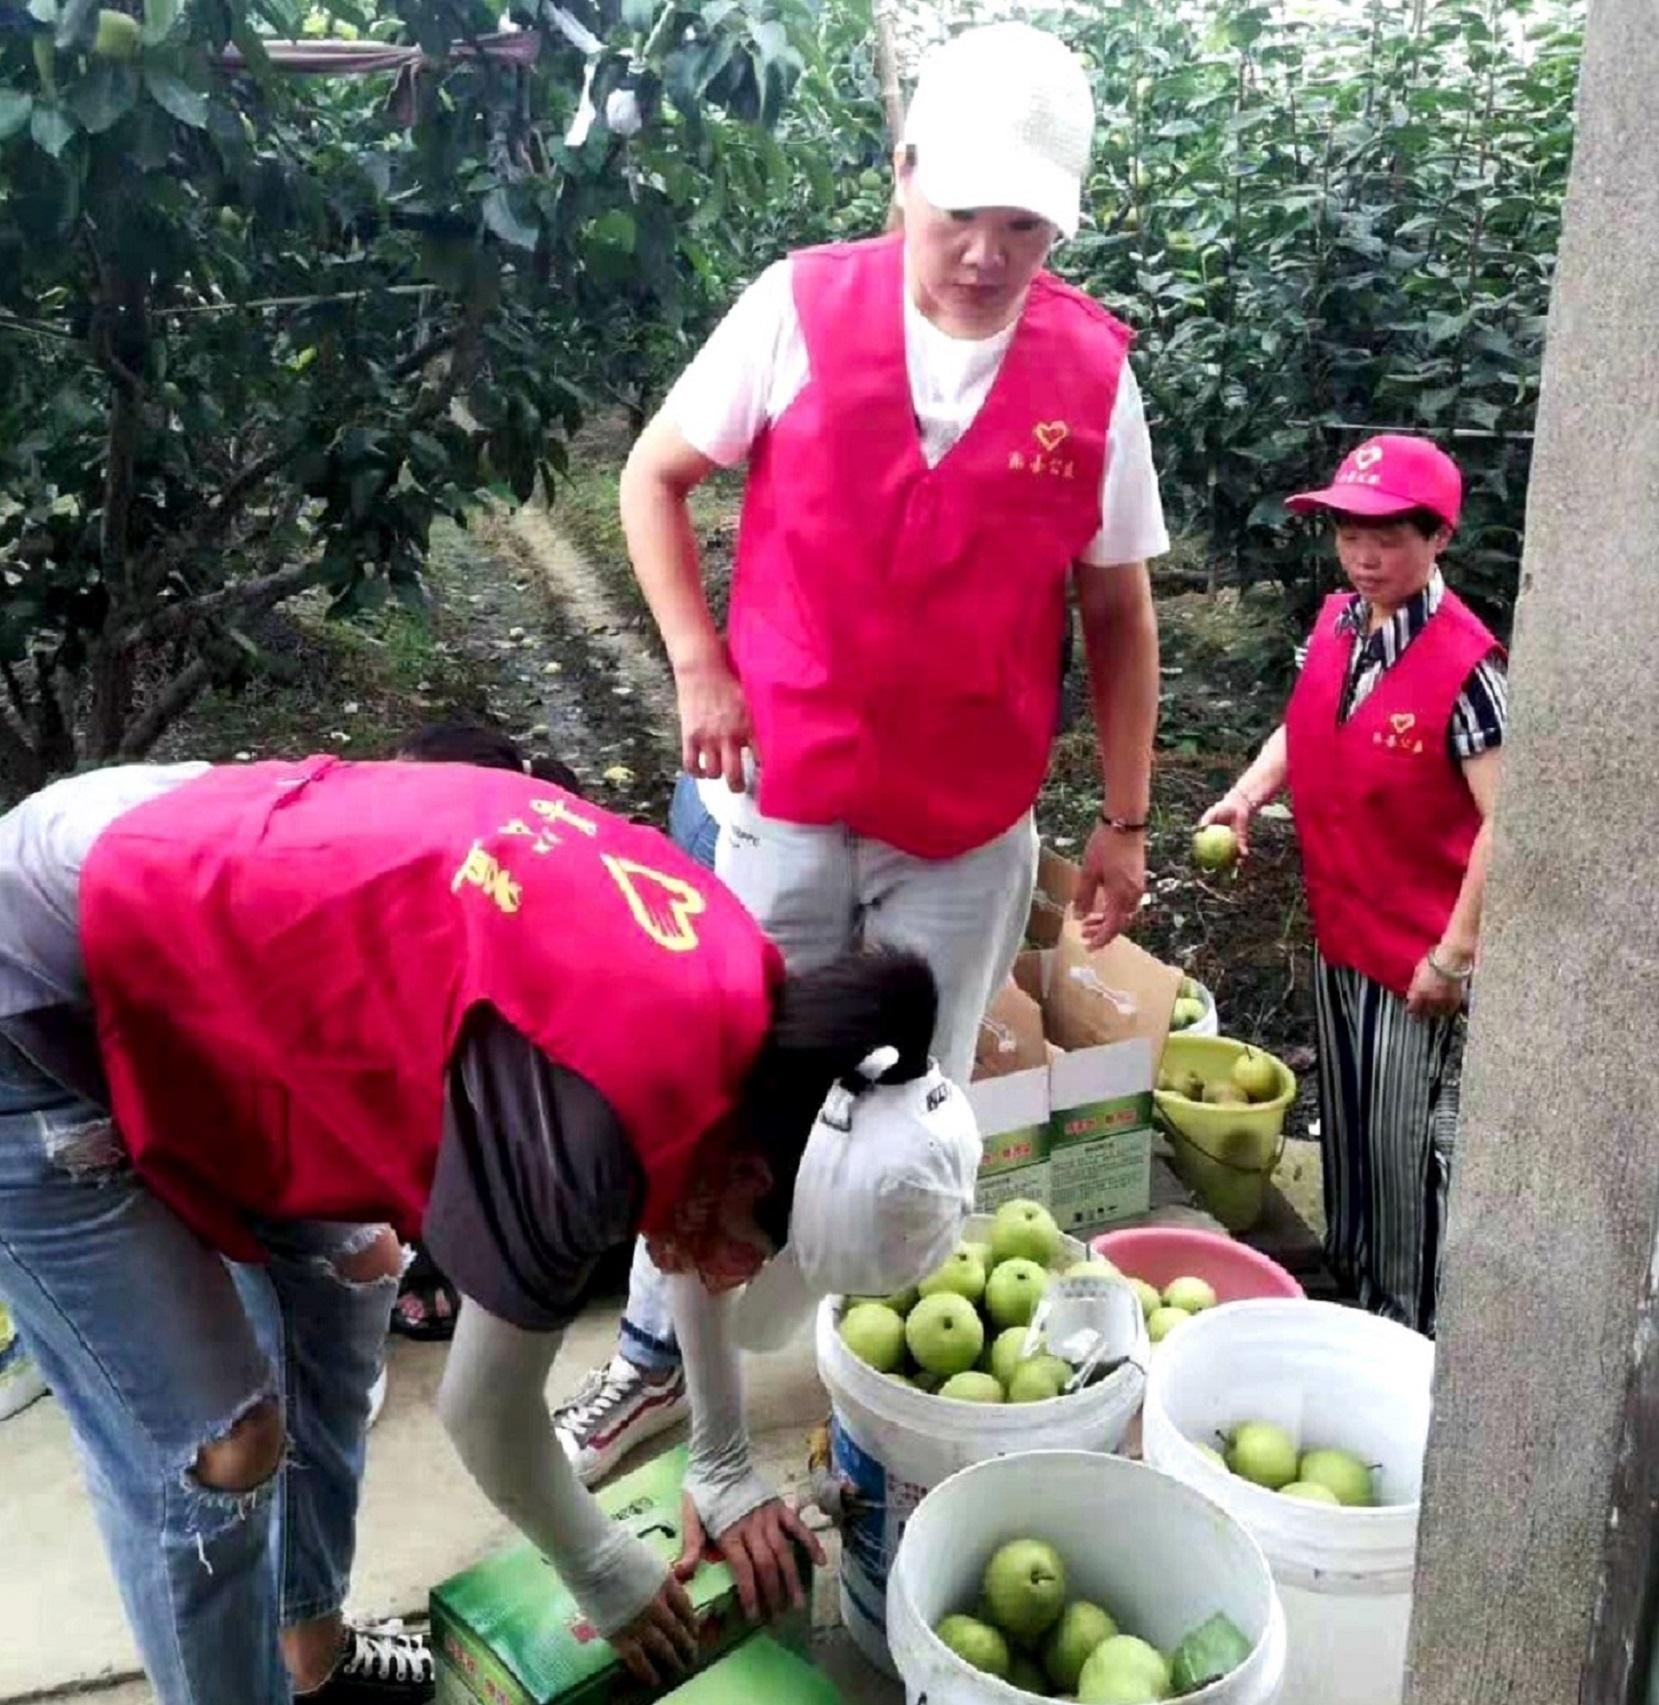 帮扶受伤果农渡难关 众善志愿者们在行动